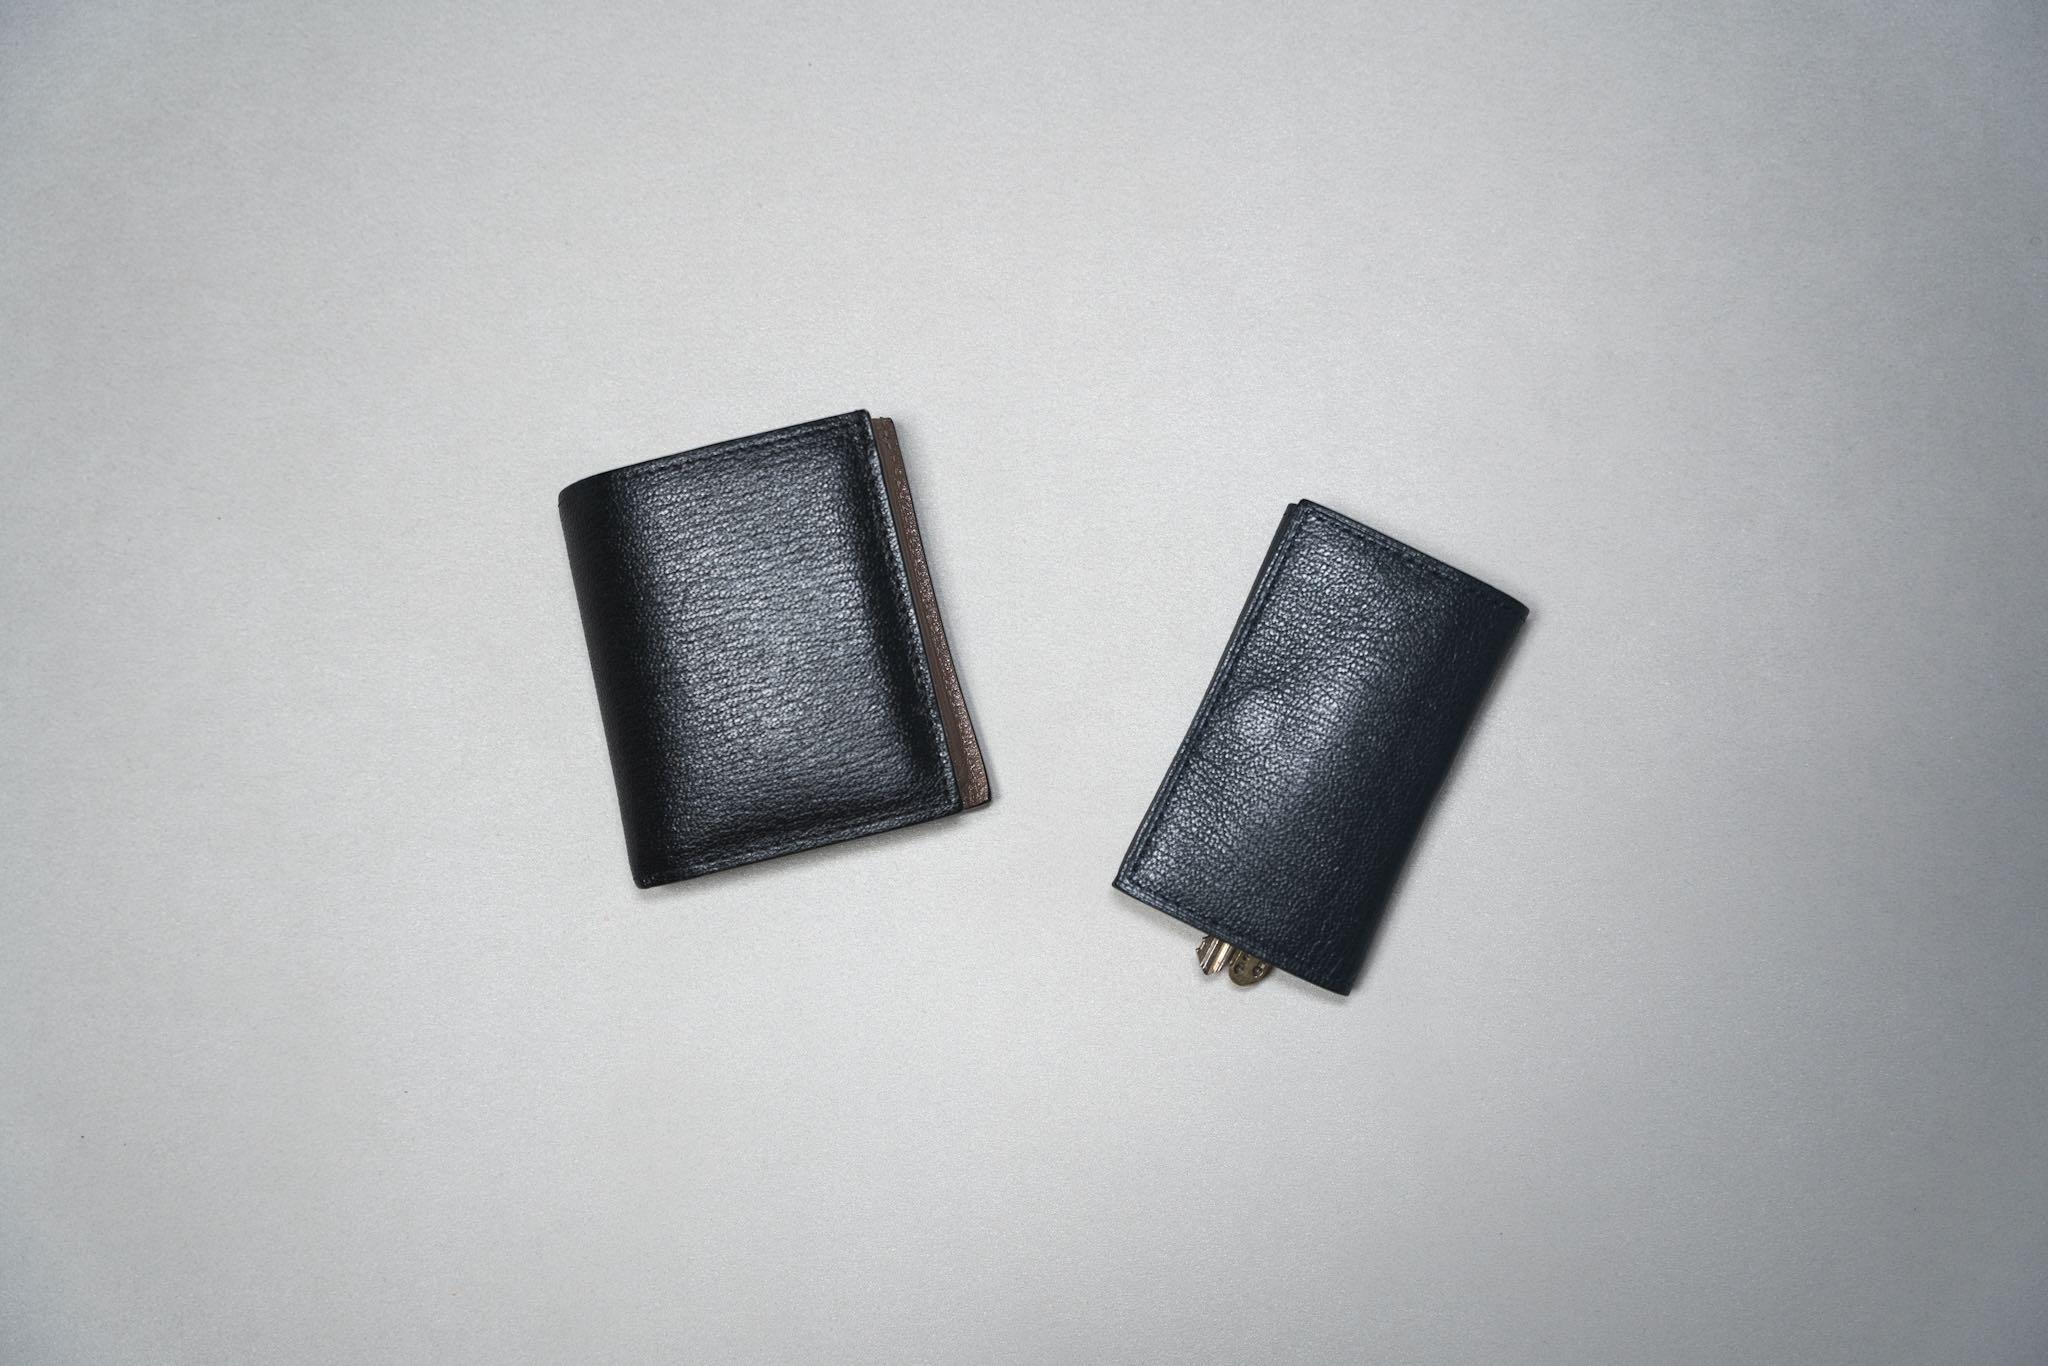 ノマドブロガーの持ち物|財布とキーケースはラルコバレーノで統一